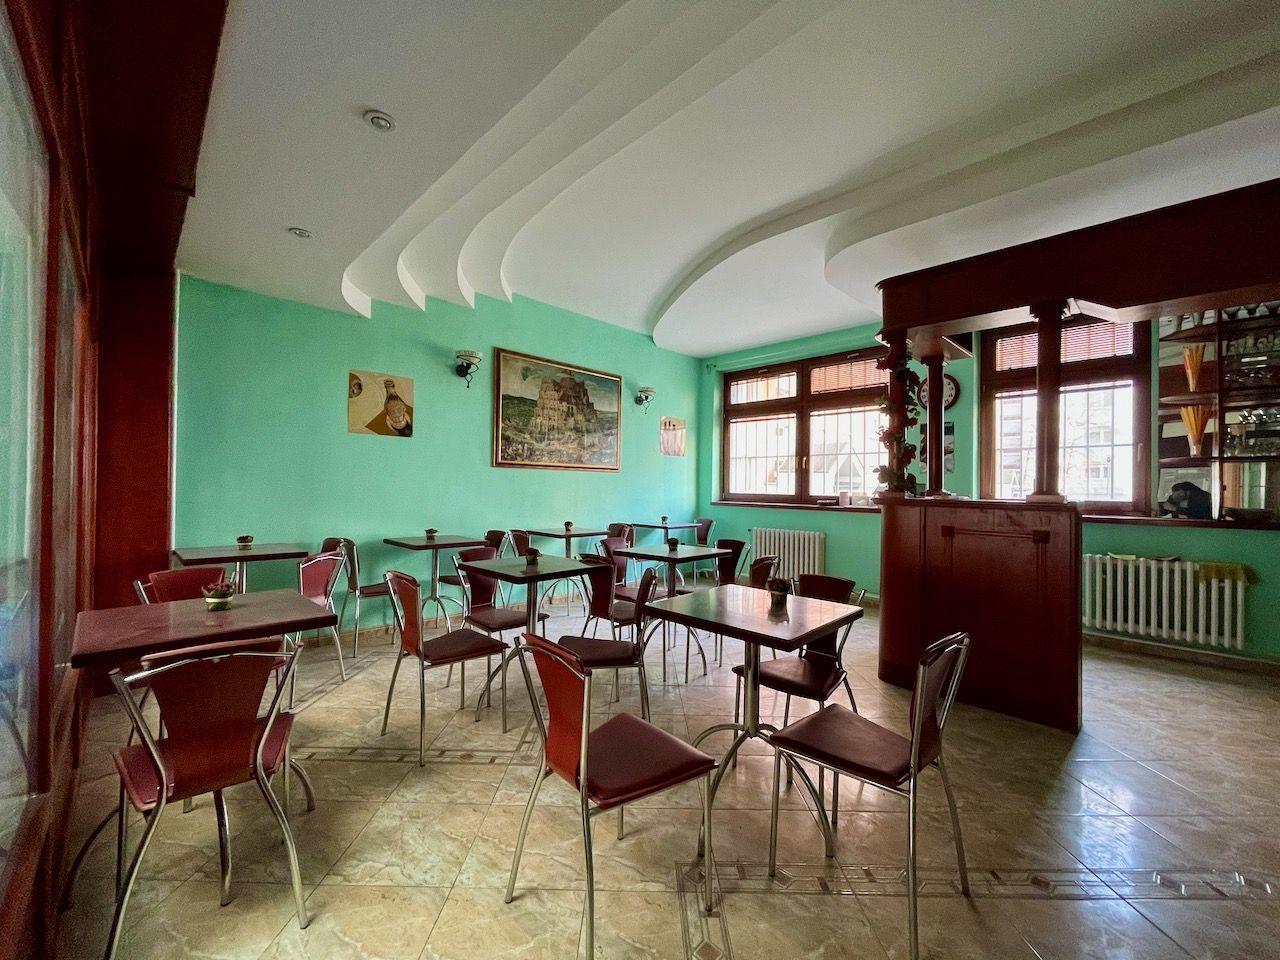 Reštaurácia-Predaj-Bratislava - mestská časť Karlova Ves-120000.00 €